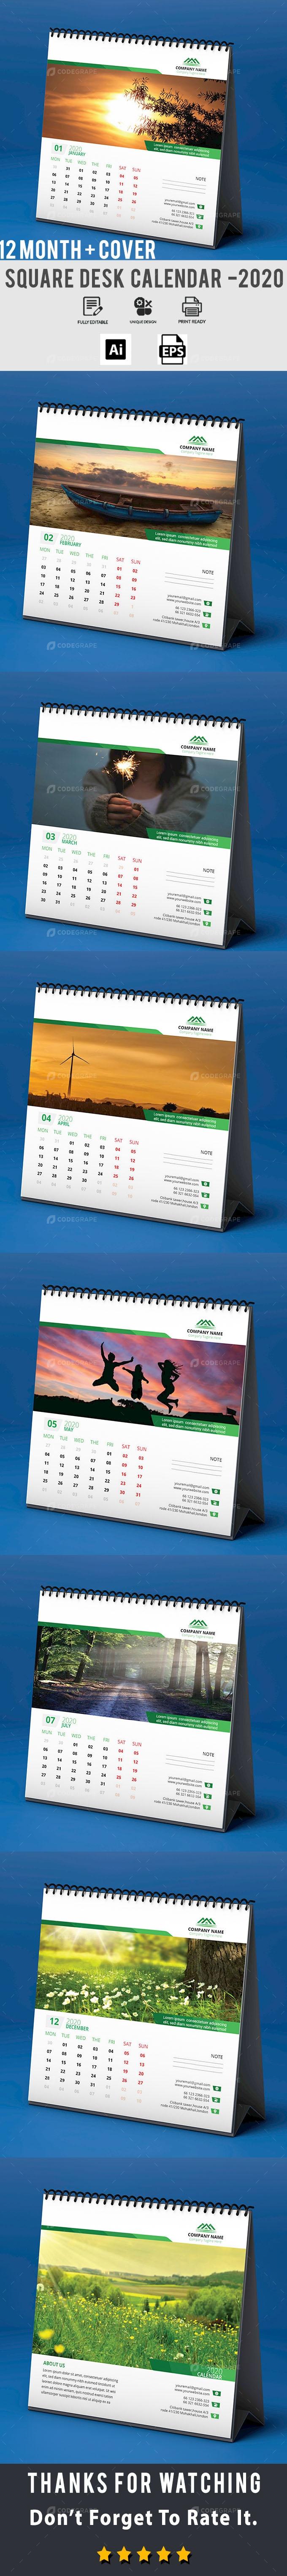 Square Desk Calendar 2020